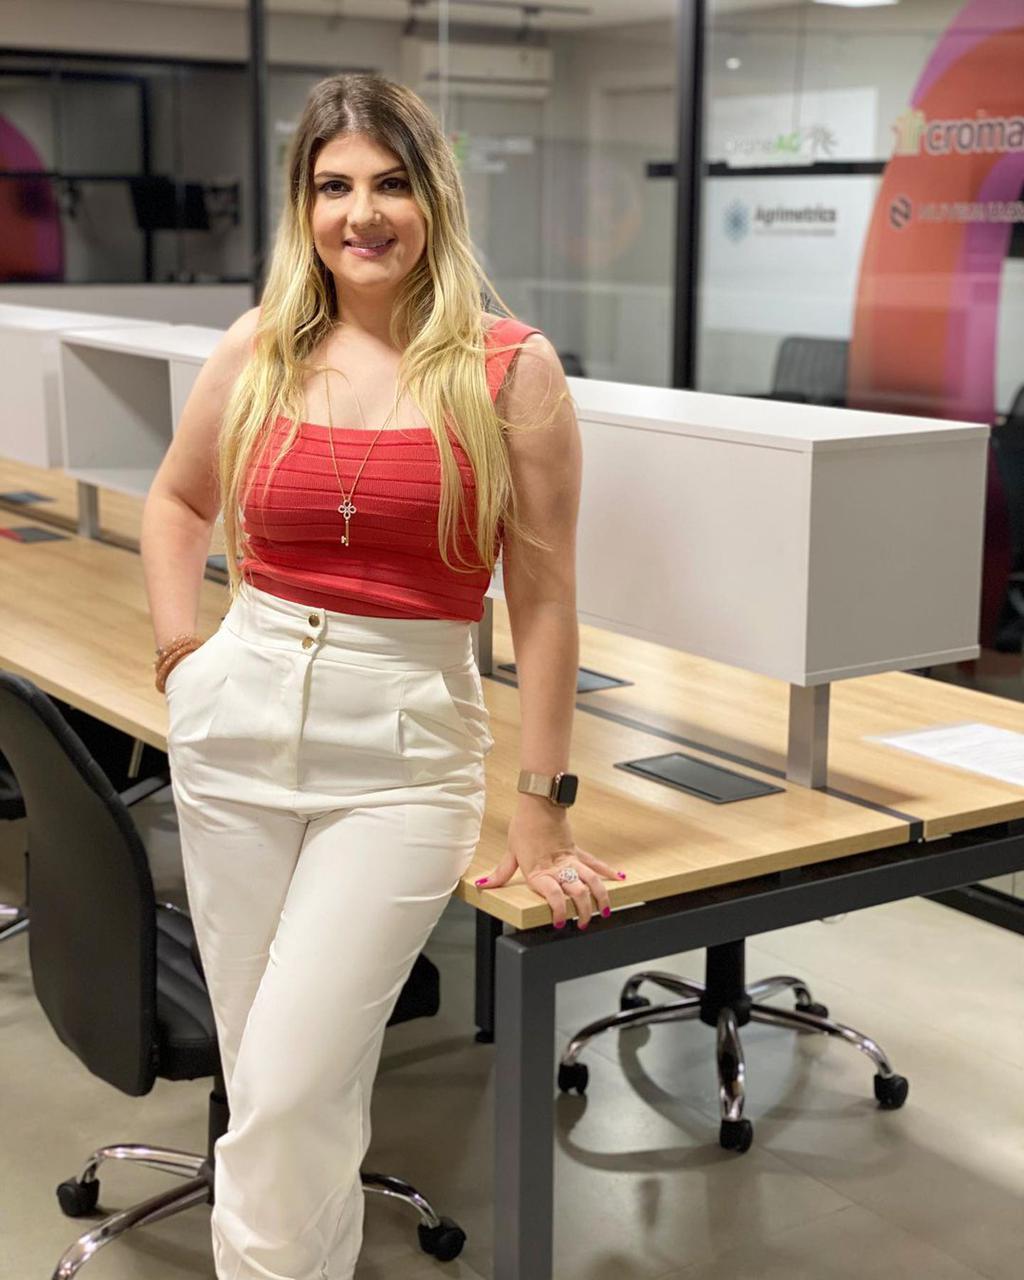 A empreendedora, pioneira no segmento de Startups do Agronegócio, Nathália Secco (Foto: Arquivo Pessoal)